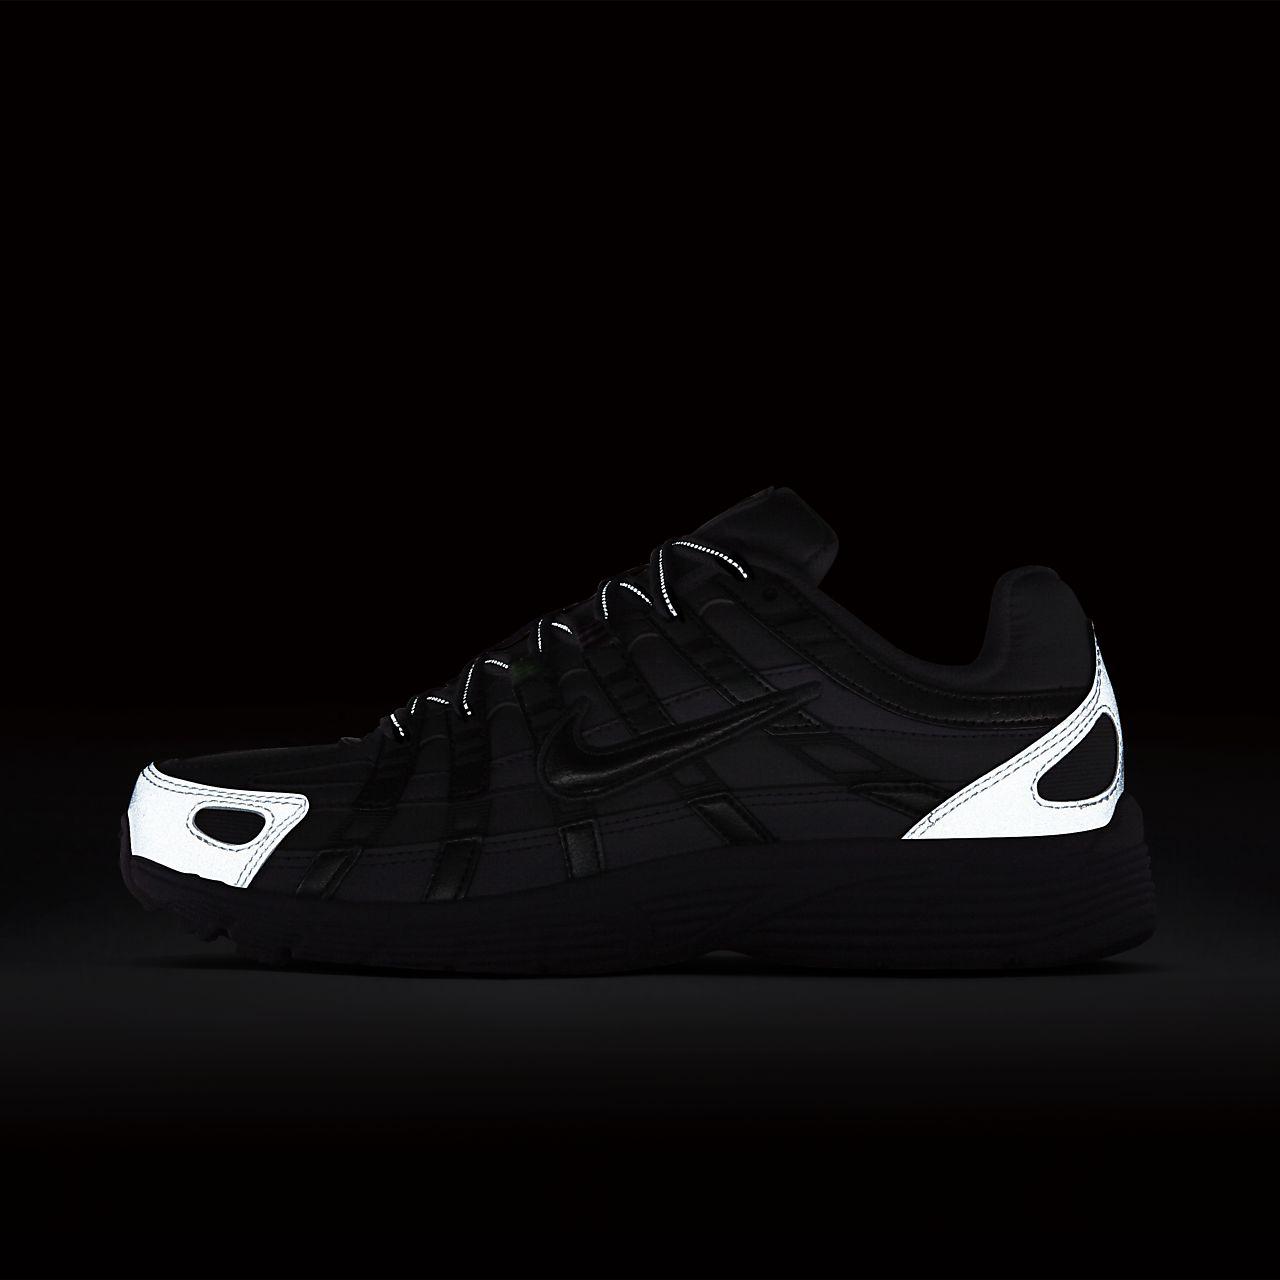 new high best prices best service Chaussure Nike P Femme À Pour 6000 Damier kZTXOuiP